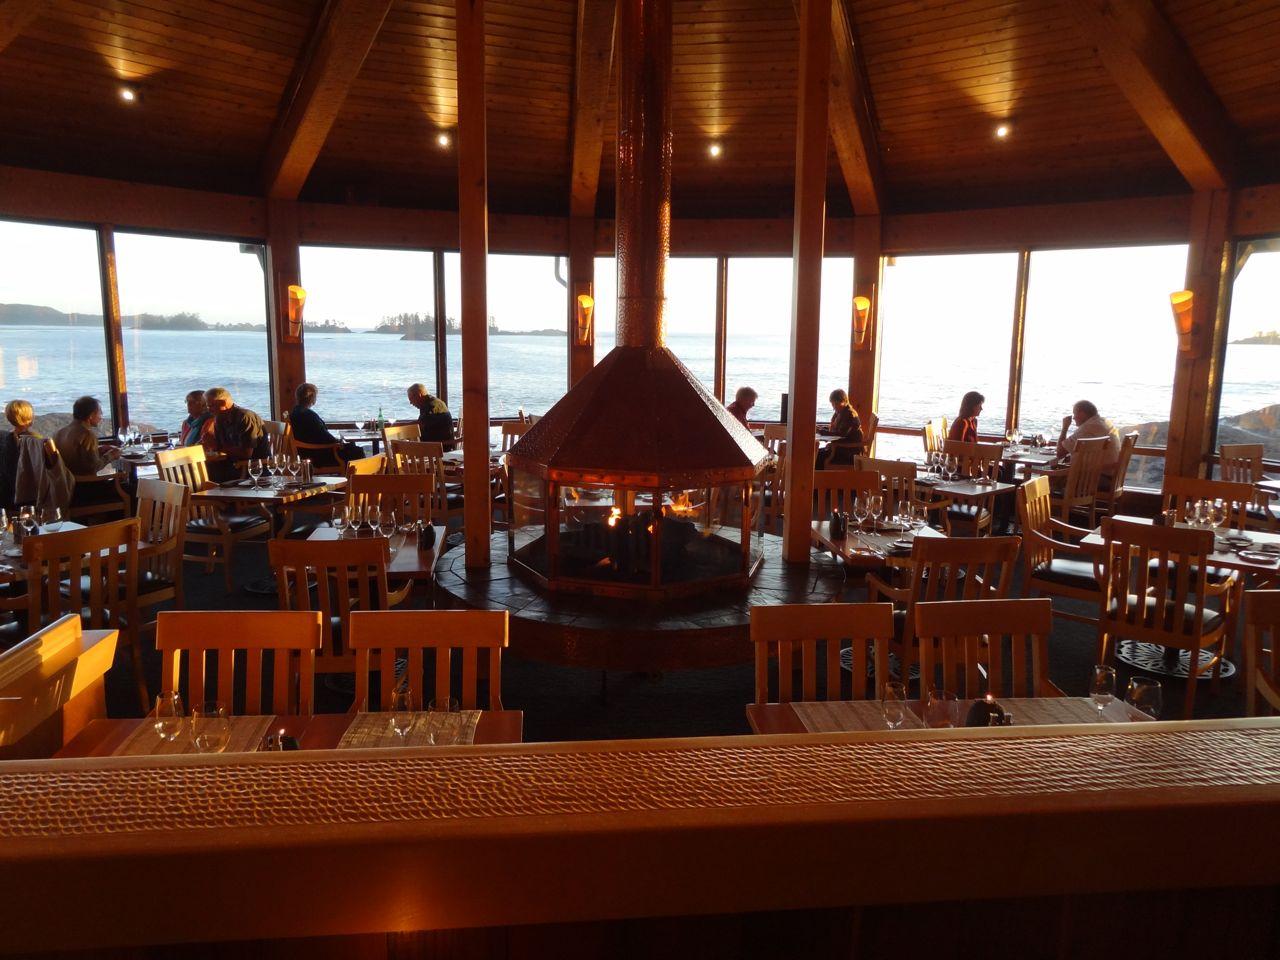 The pointe restaurant wickaninnish inn tofino canada - The Wick S Pointe Restaurant With 240 Of Sweeping Views